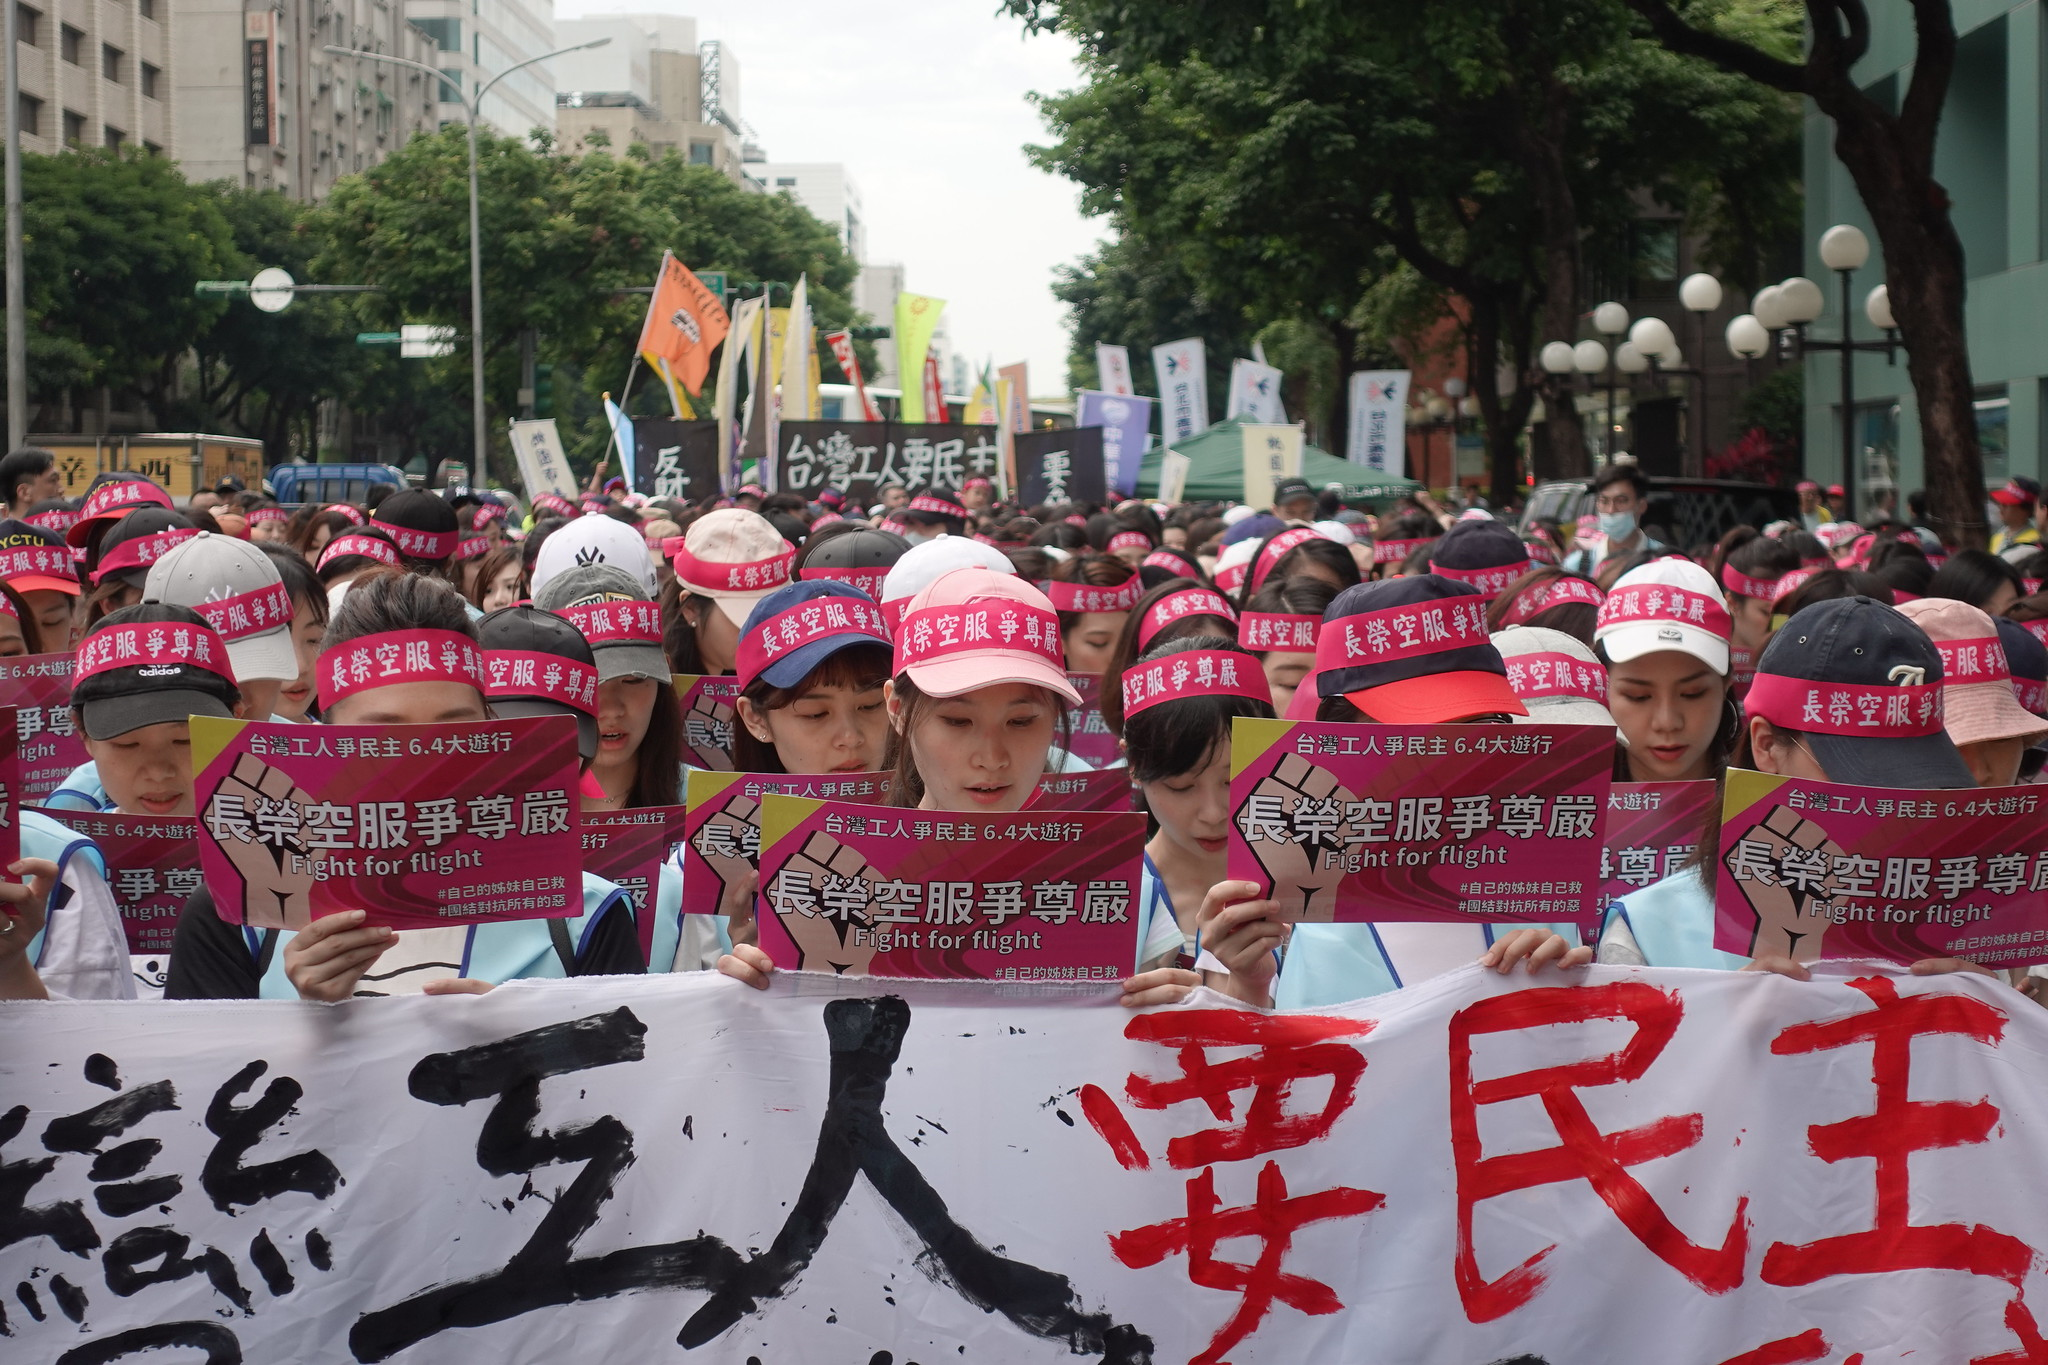 遊行前,長榮空服員在公司外合唱《美麗島》,希望台灣除政治民主外也能落實產業民主。(攝影:張智琦)